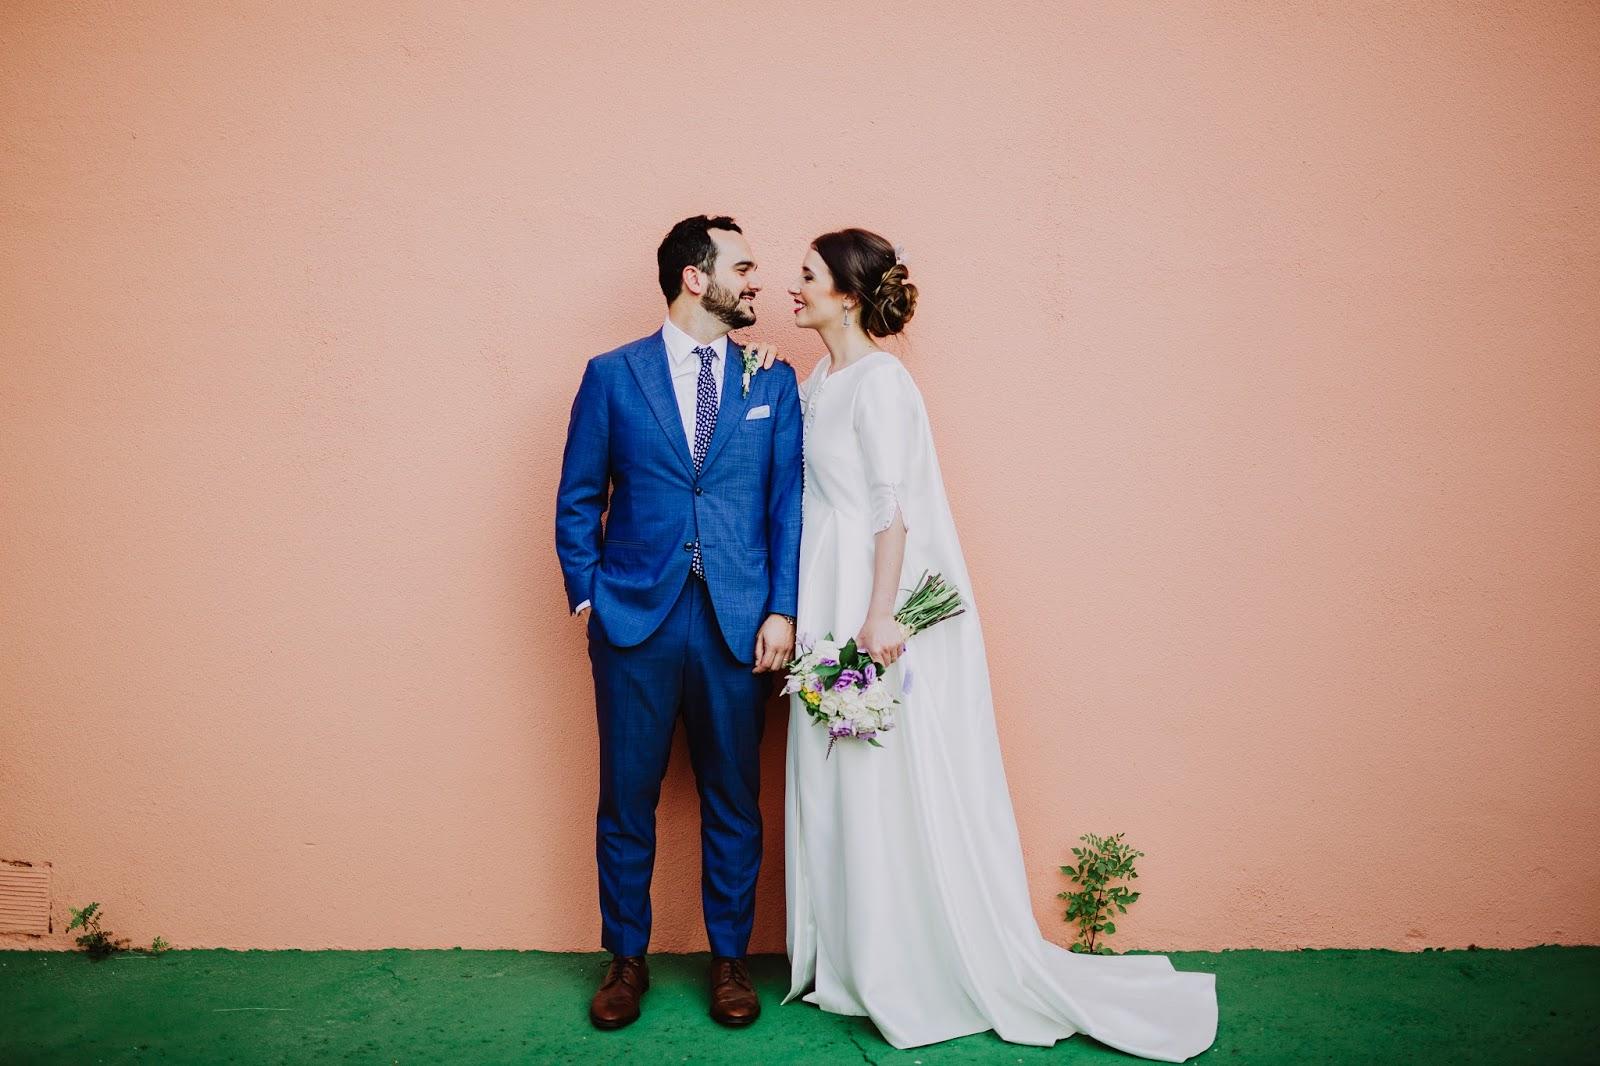 La boda de Clara y Guille - Como La Boda Misma